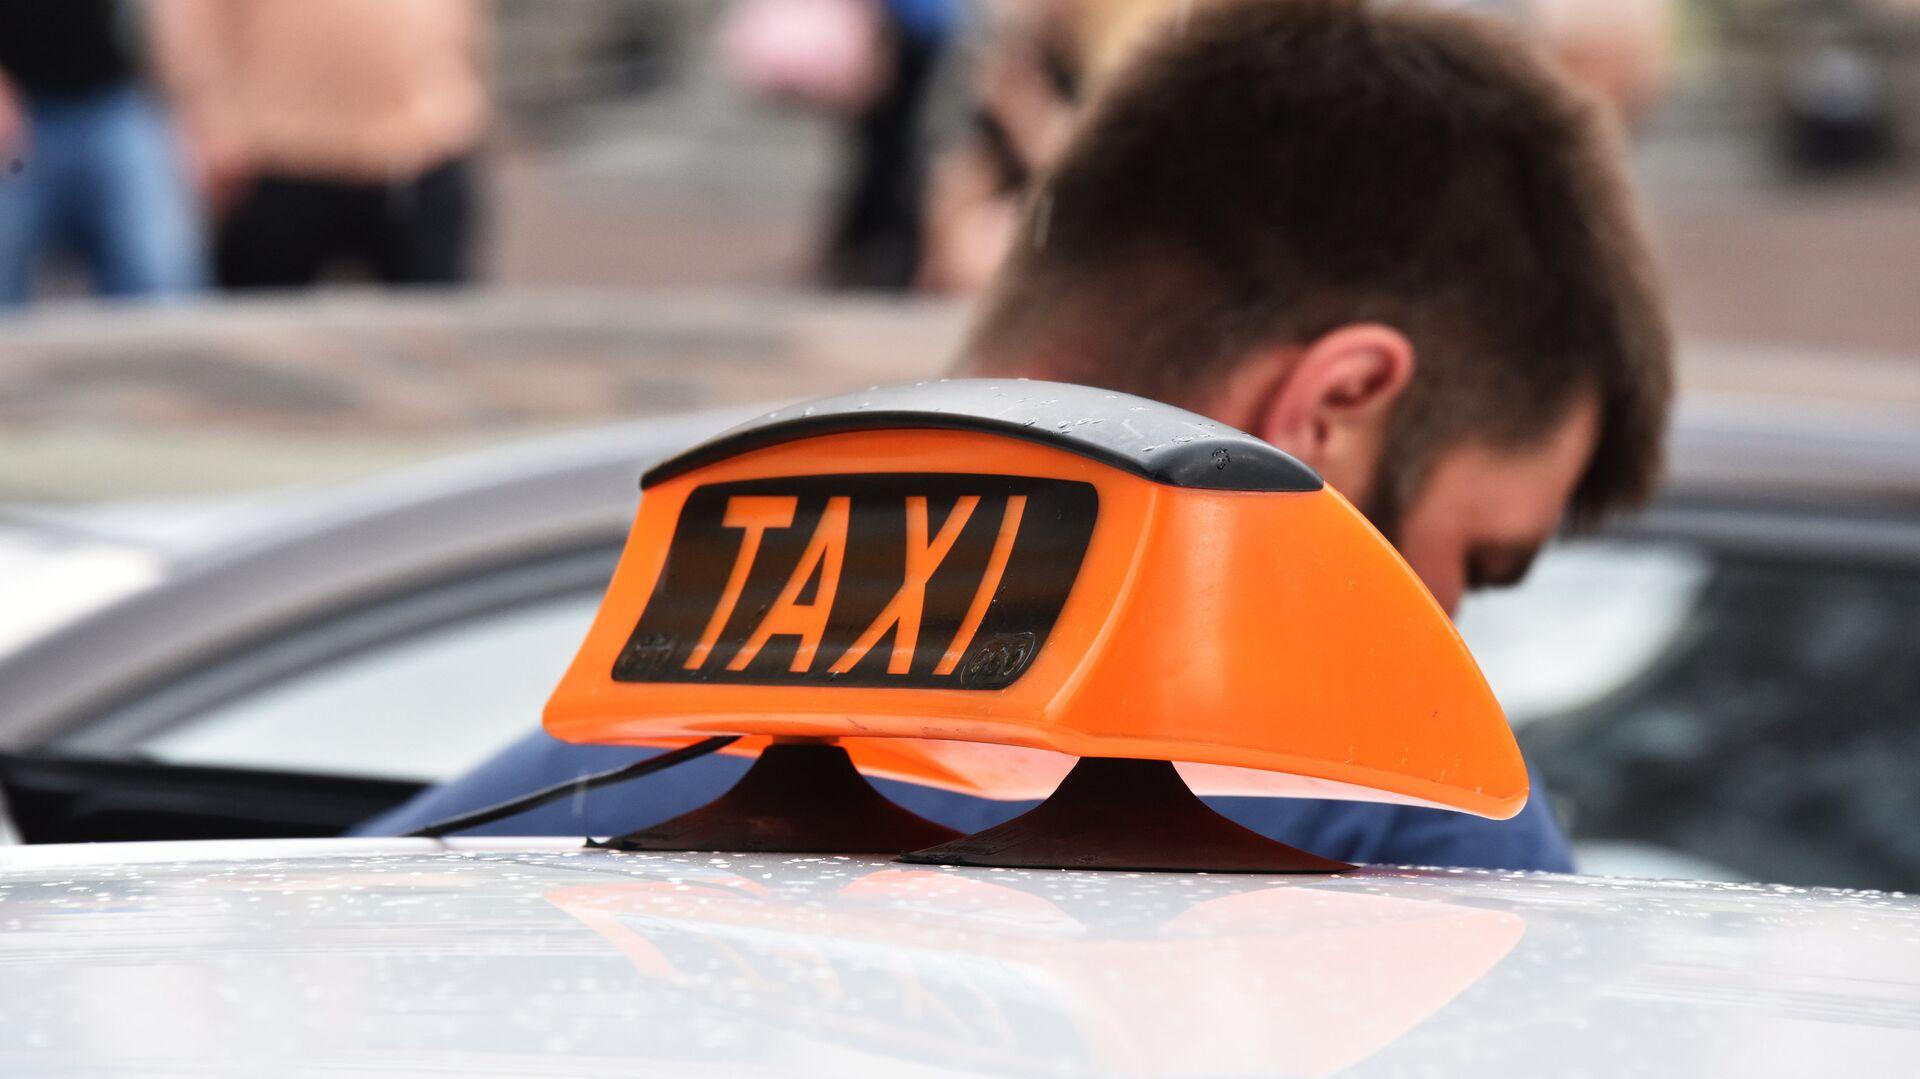 Такси - РИА Новости, 1920, 05.08.2021